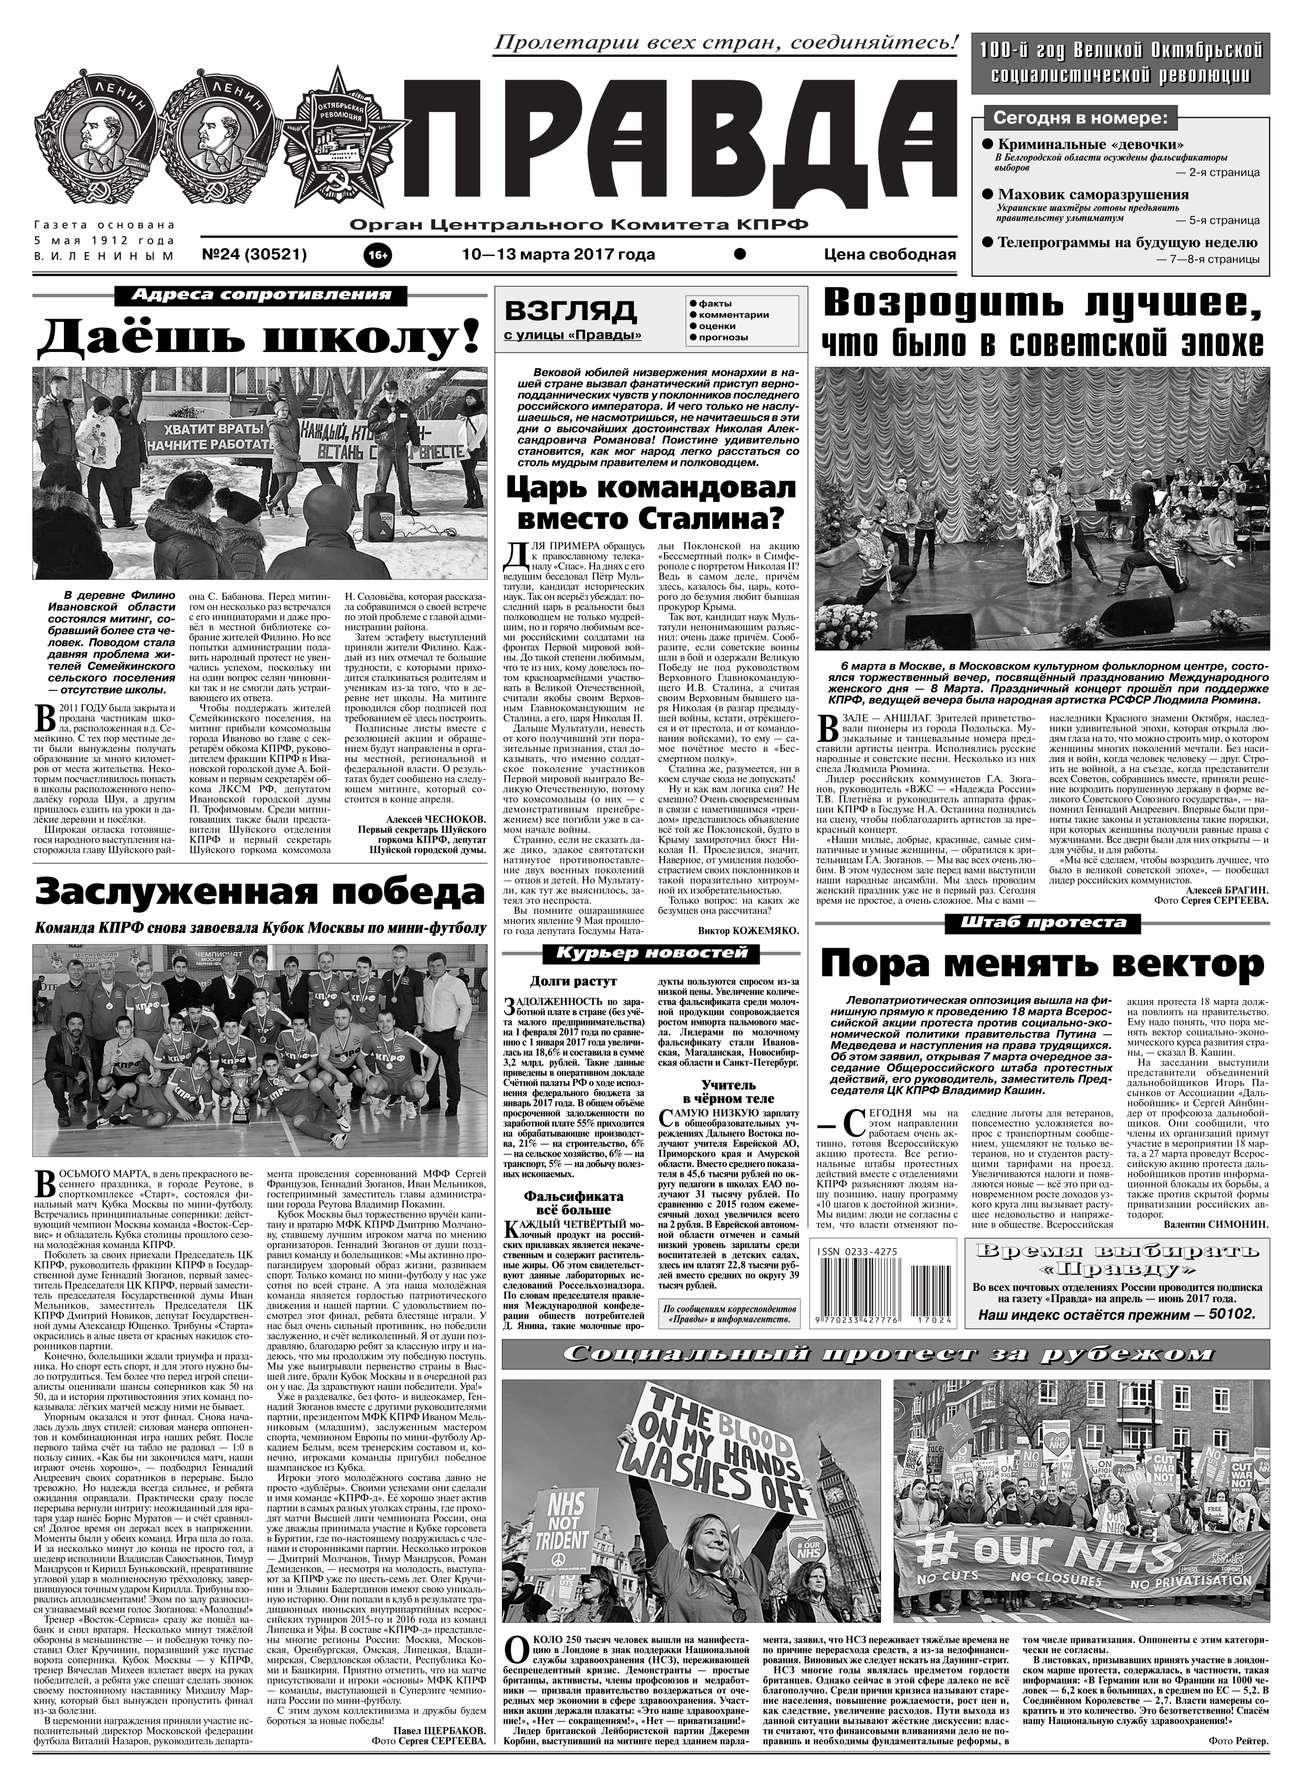 Редакция газеты Правда Правда 24-2017 редакция газеты новая газета новая газета 95 2017